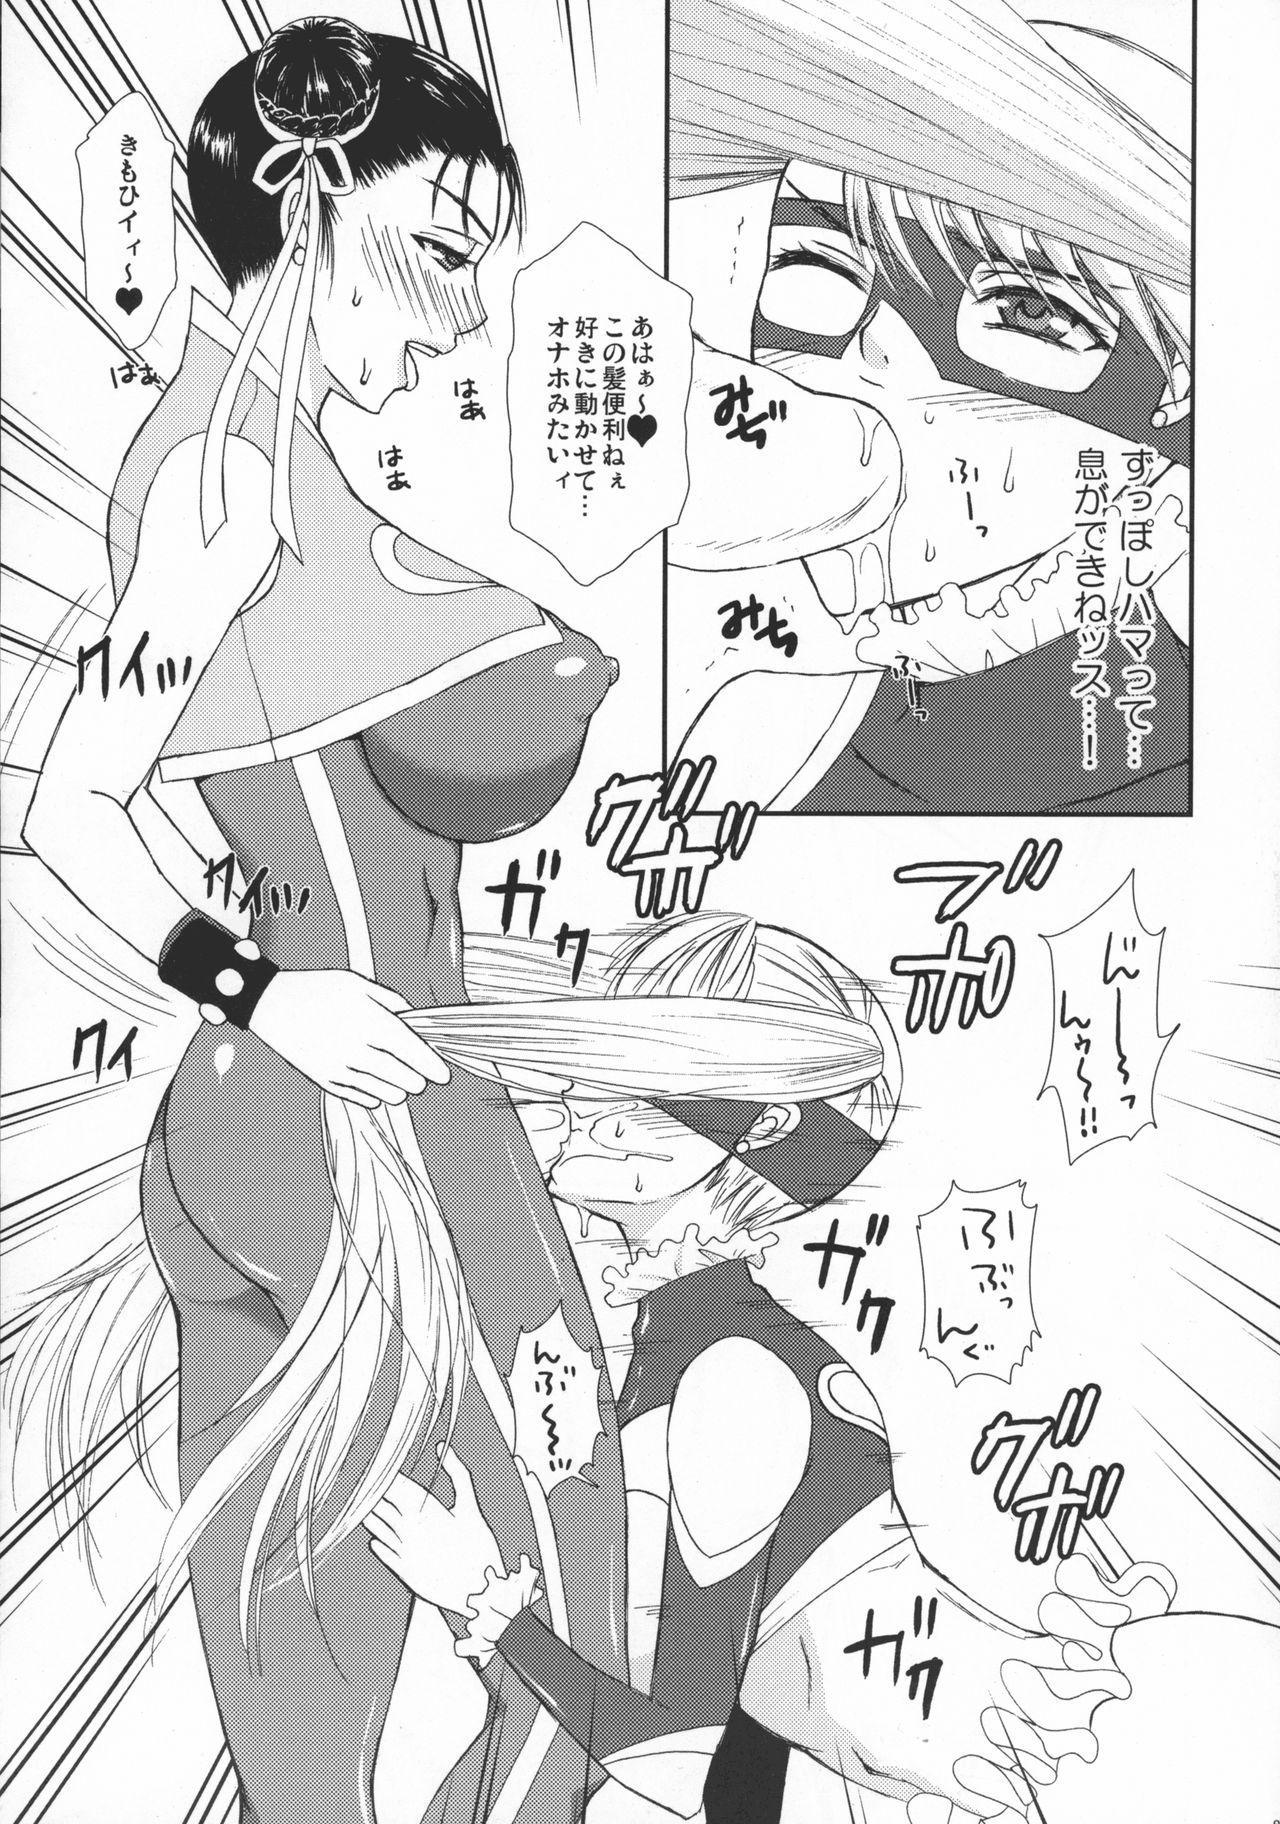 Kaku Musume Futa Suka Sairoku 86